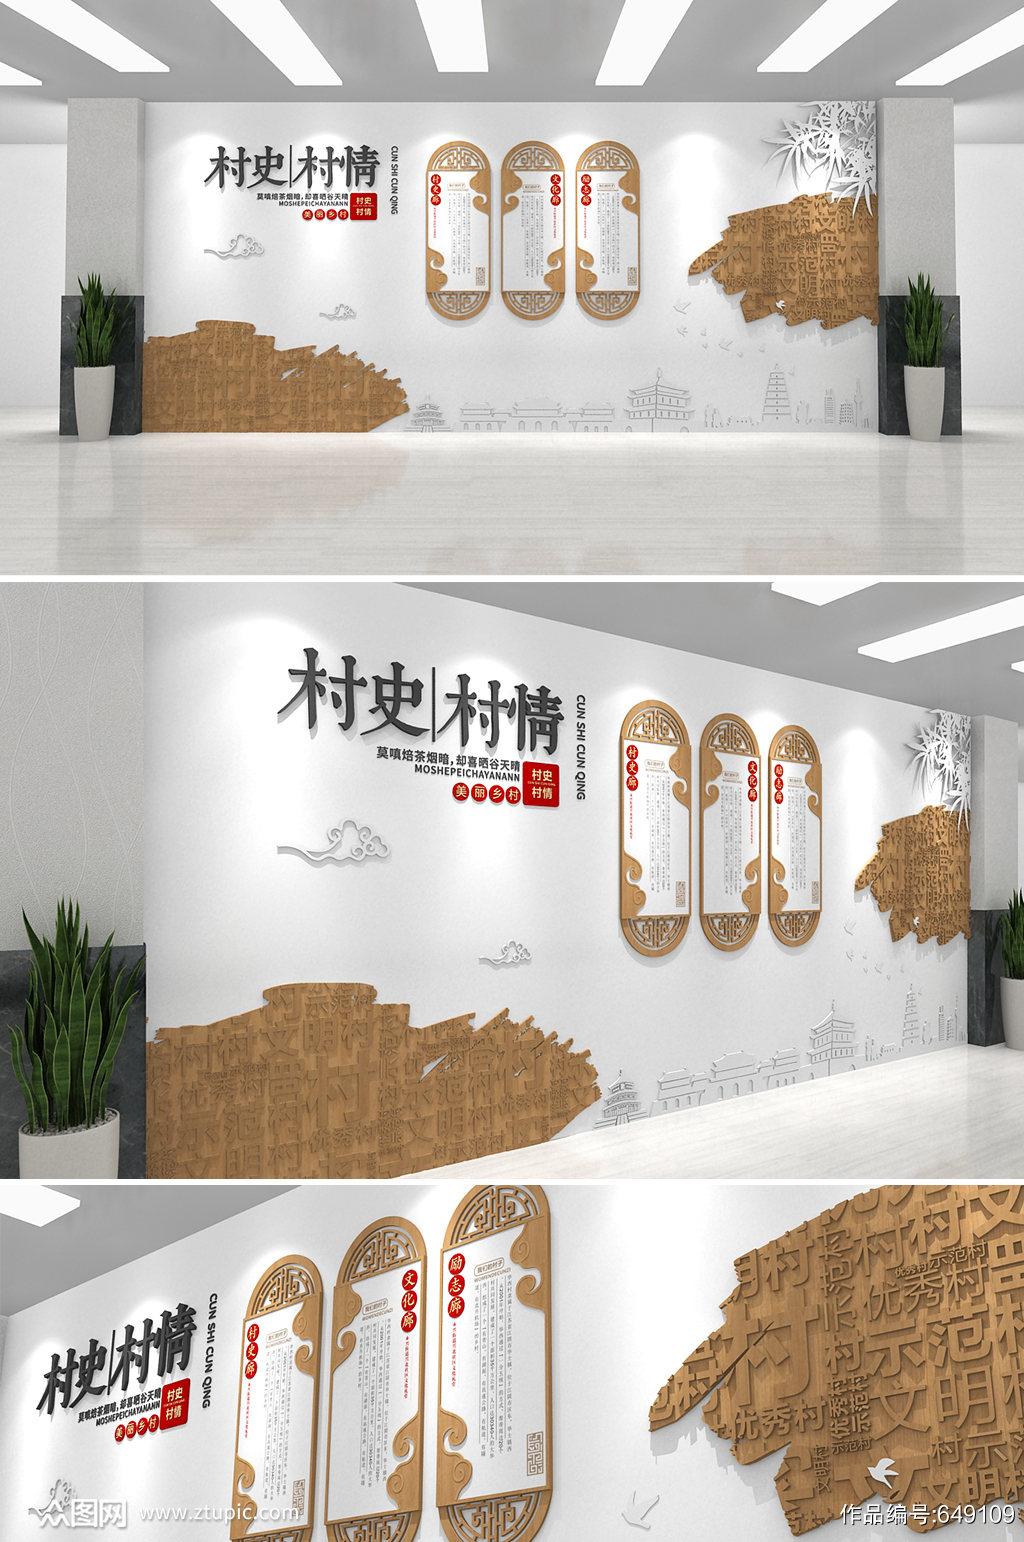 中式木纹大气简约村史村情村部 村史馆文化墙素材